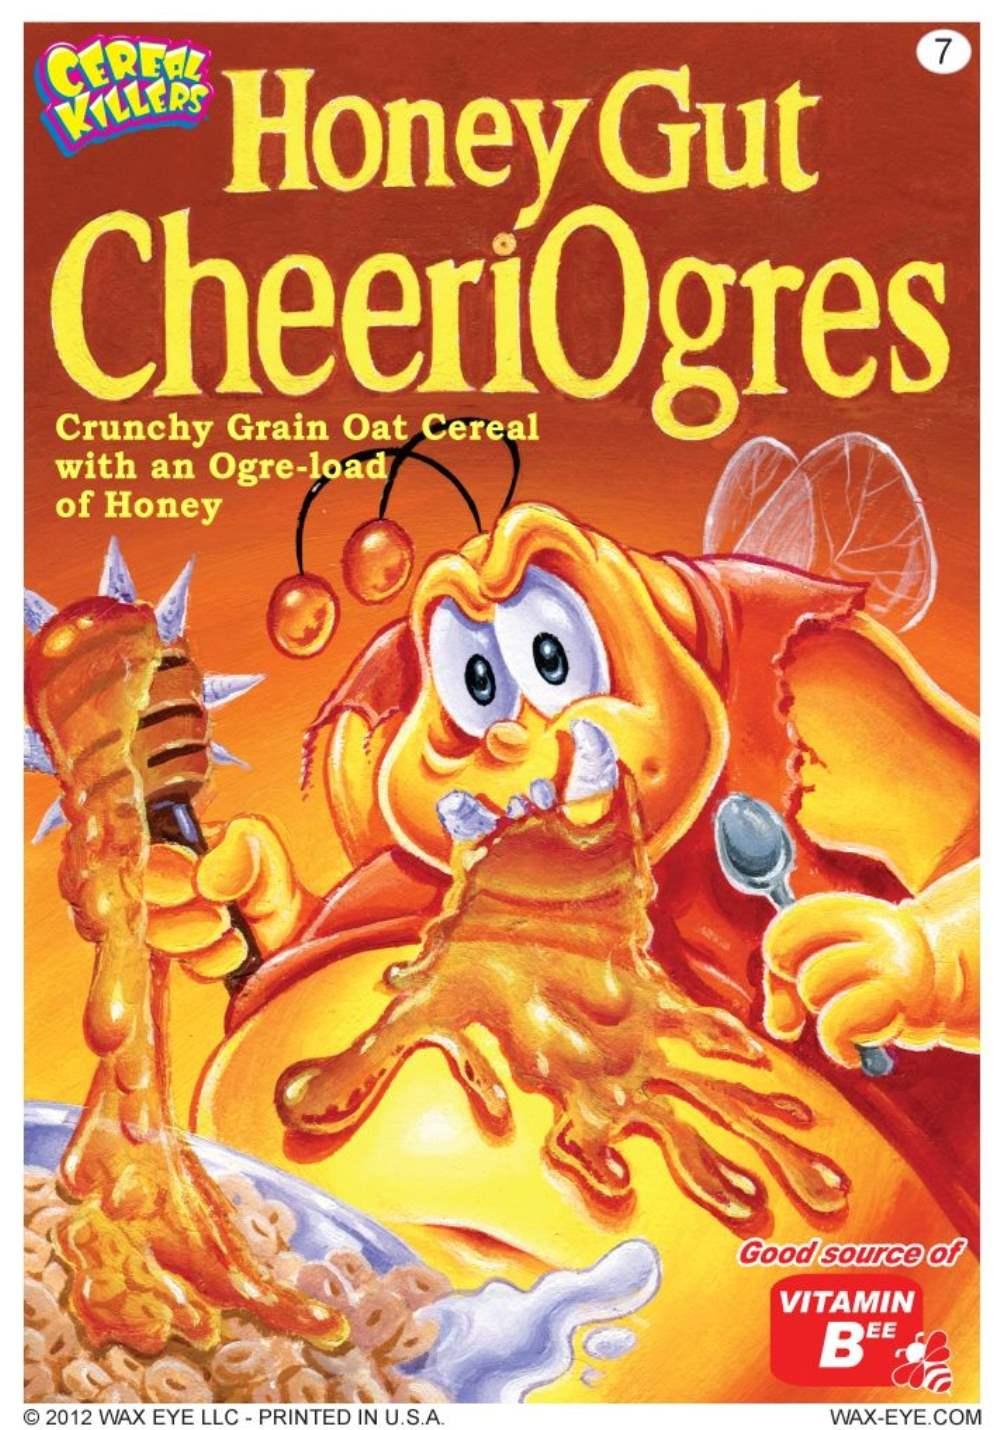 Cereal Killers Honey Gut Cheeriogres